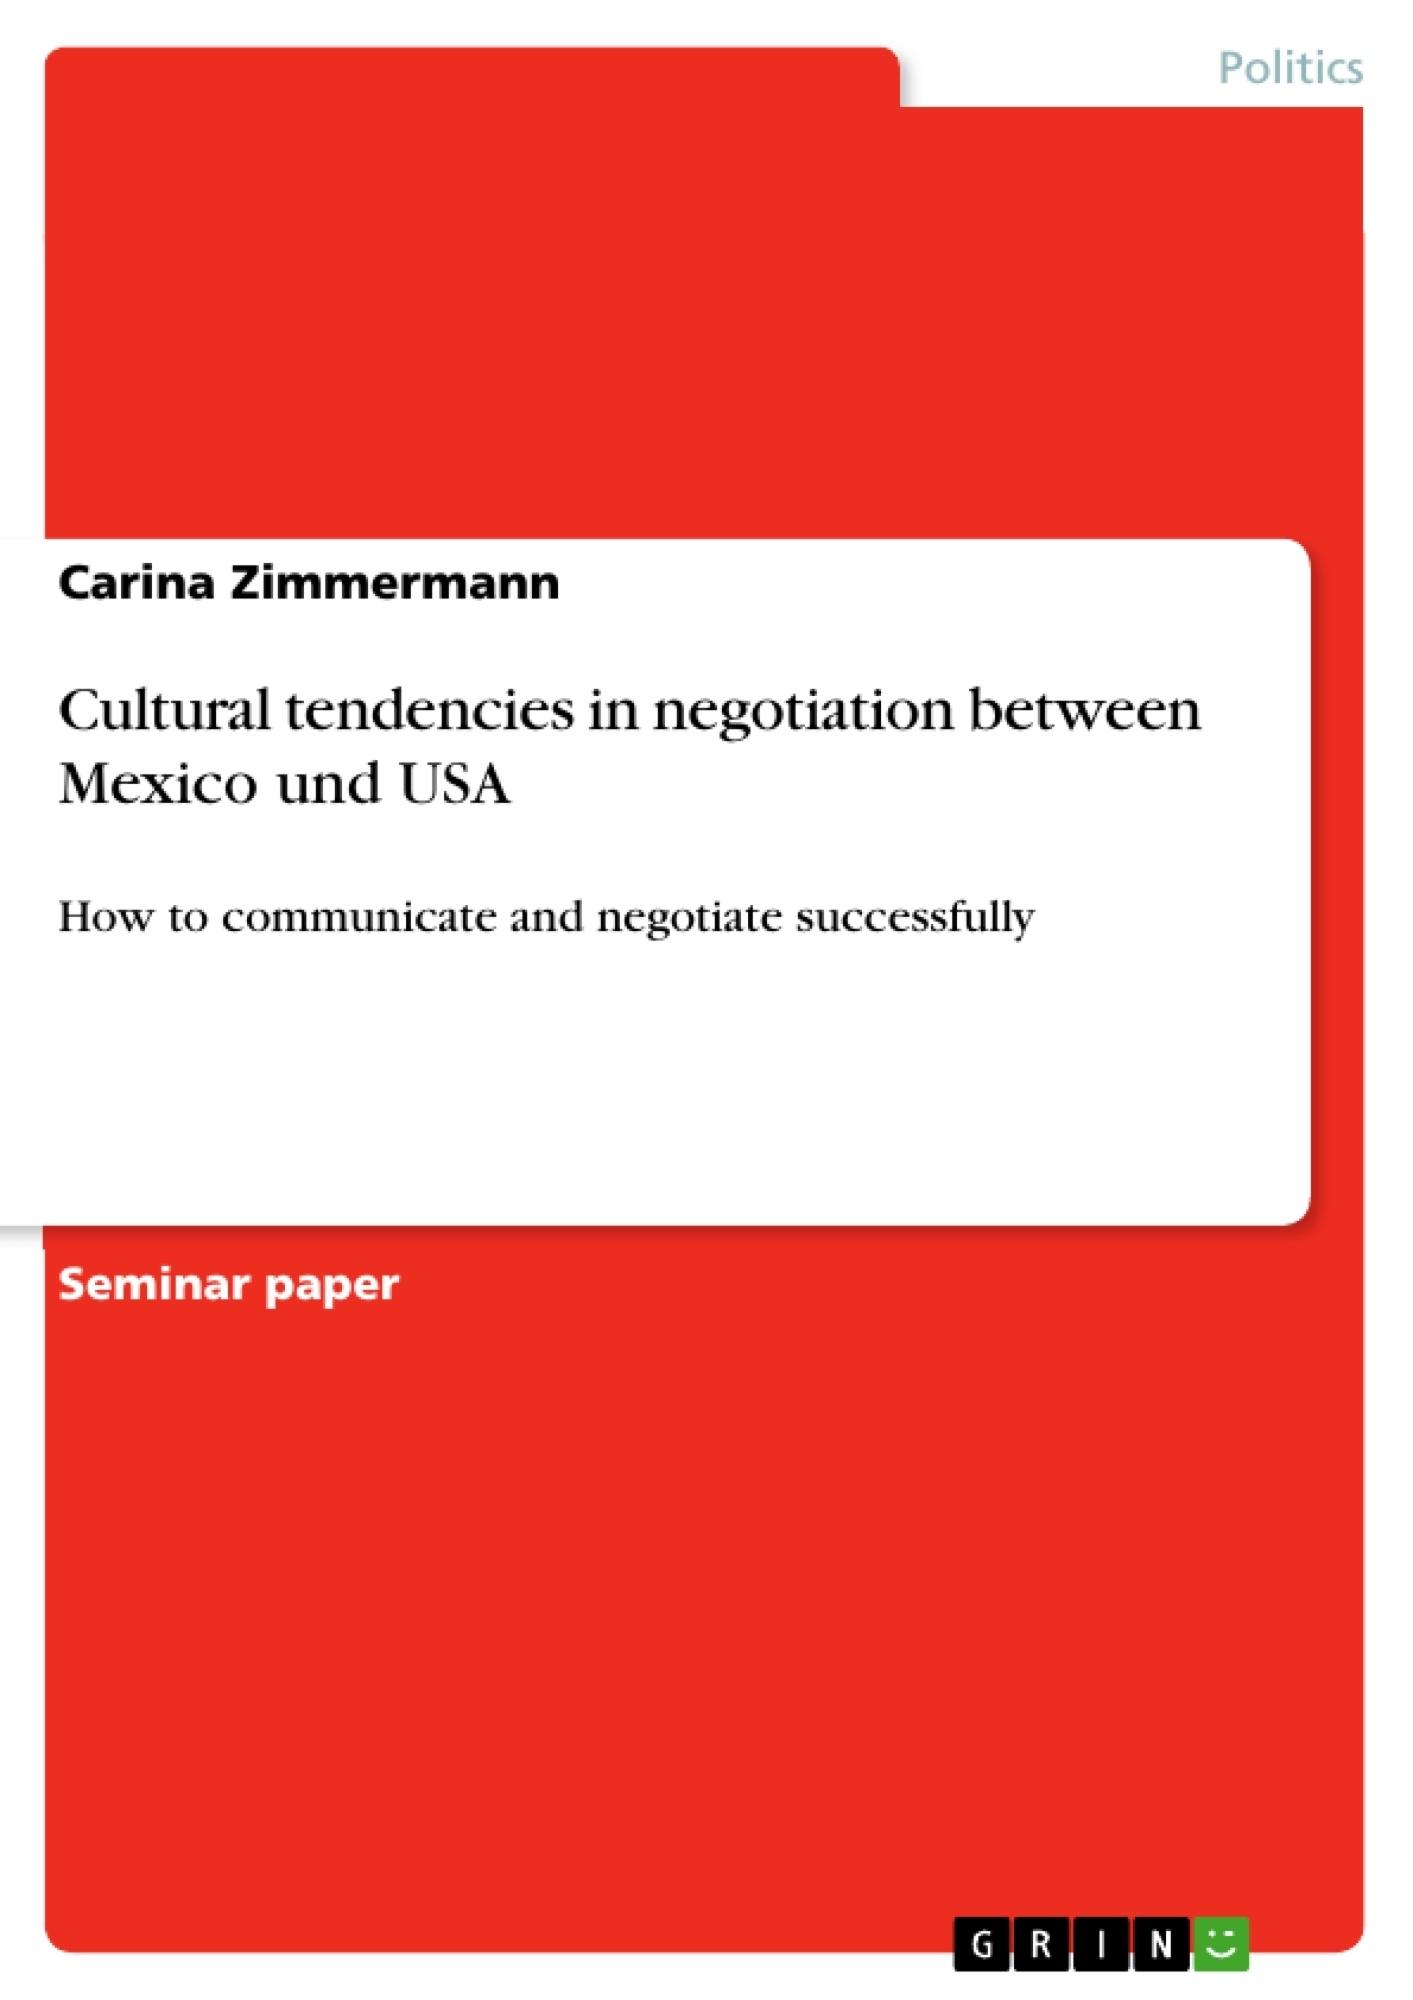 Title: Cultural tendencies in negotiation between Mexico und USA